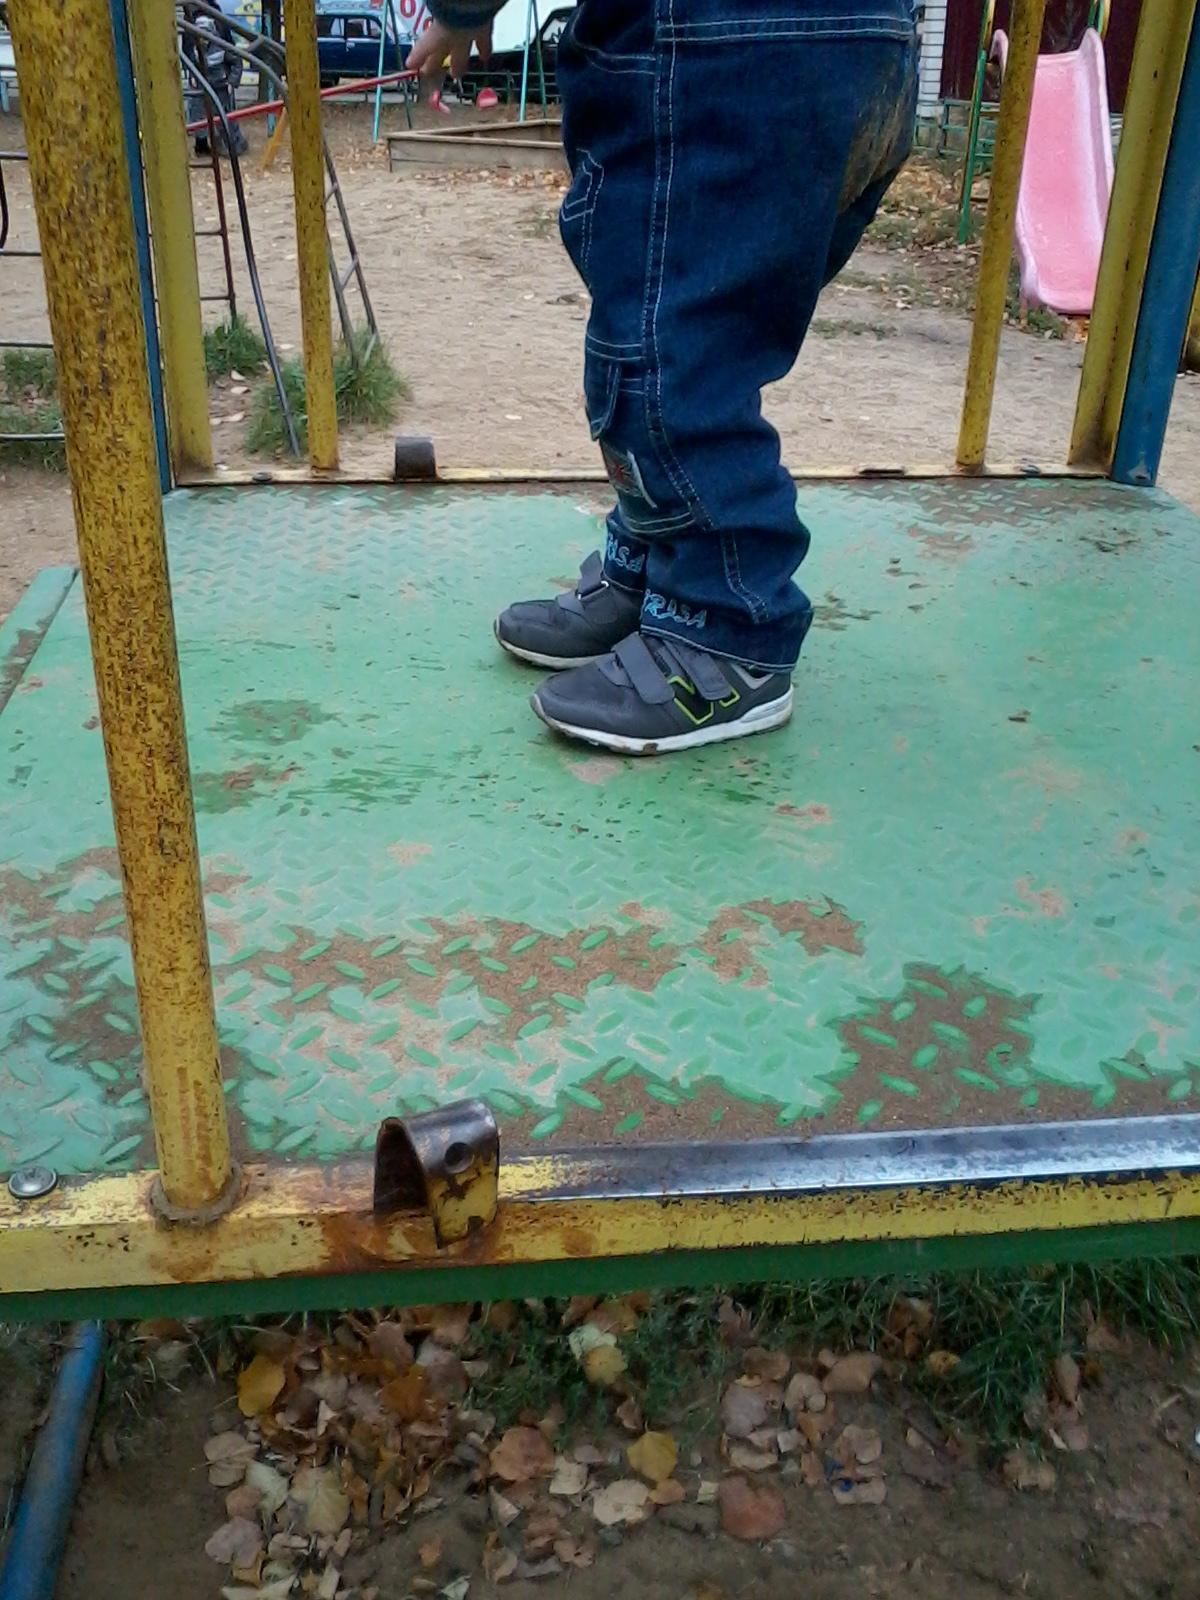 Ограждающие панели выломаны, ребёнок может упасть с полутораметровой высоты